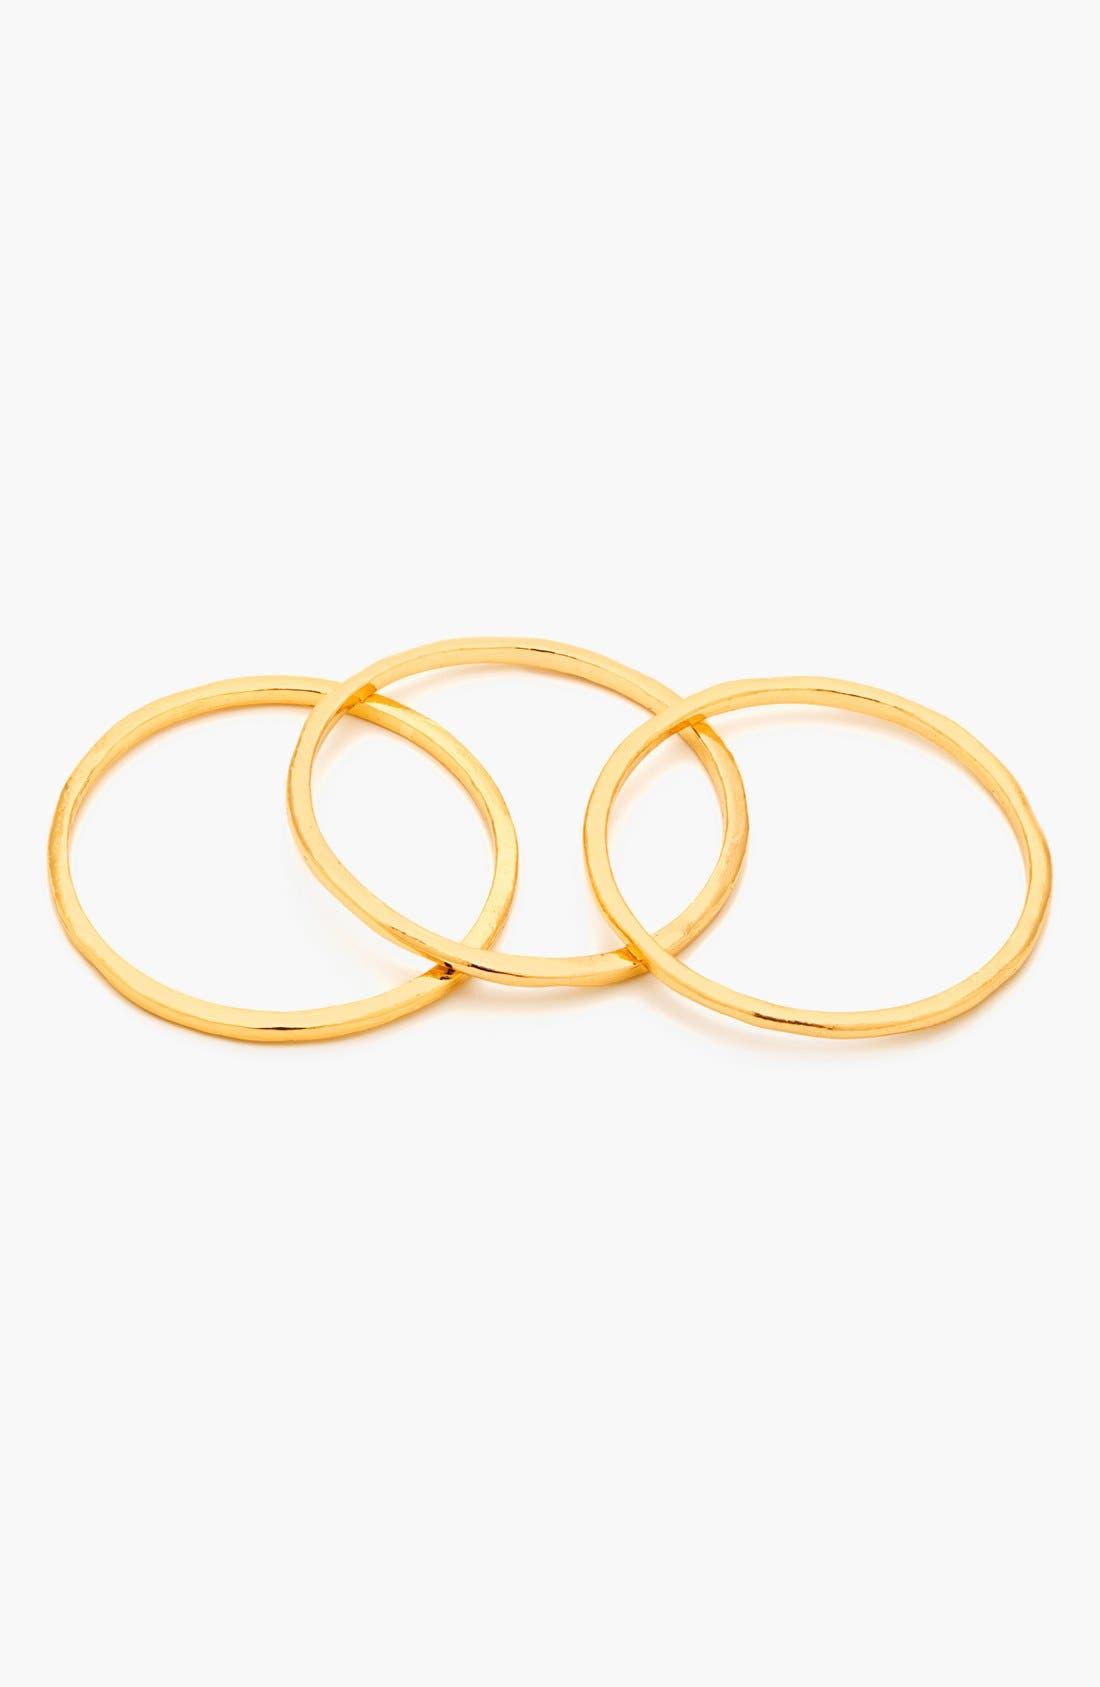 Alternate Image 2  - gorjana 'G Ring' Rings (Set of 3)